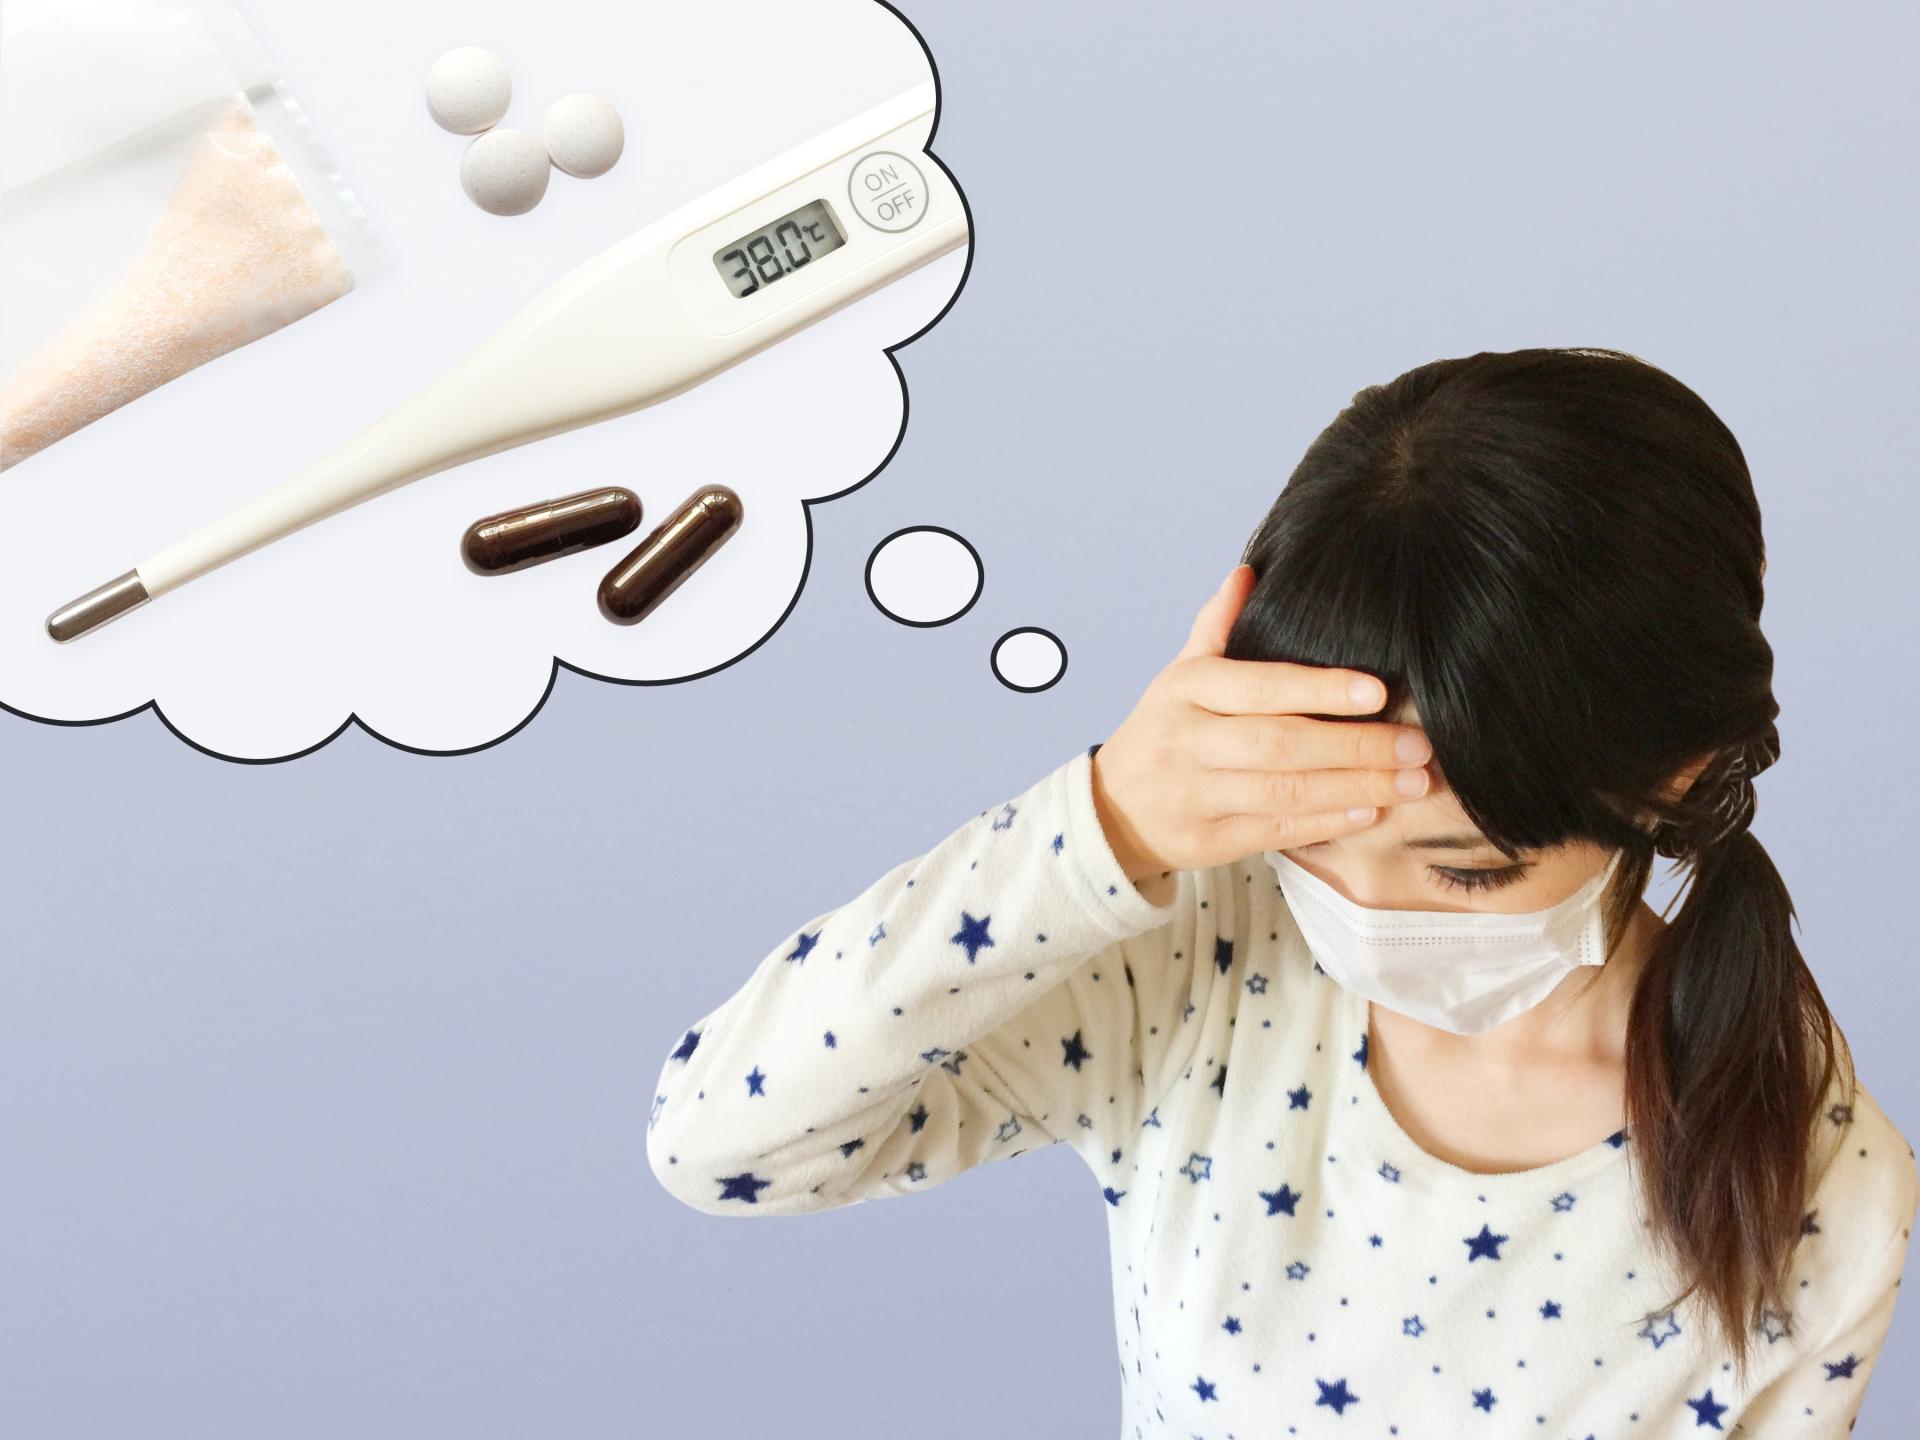 冬の風邪予防!ママの風邪対策で家族を守ろう!咳や喉の痛みに効く食べ物は?